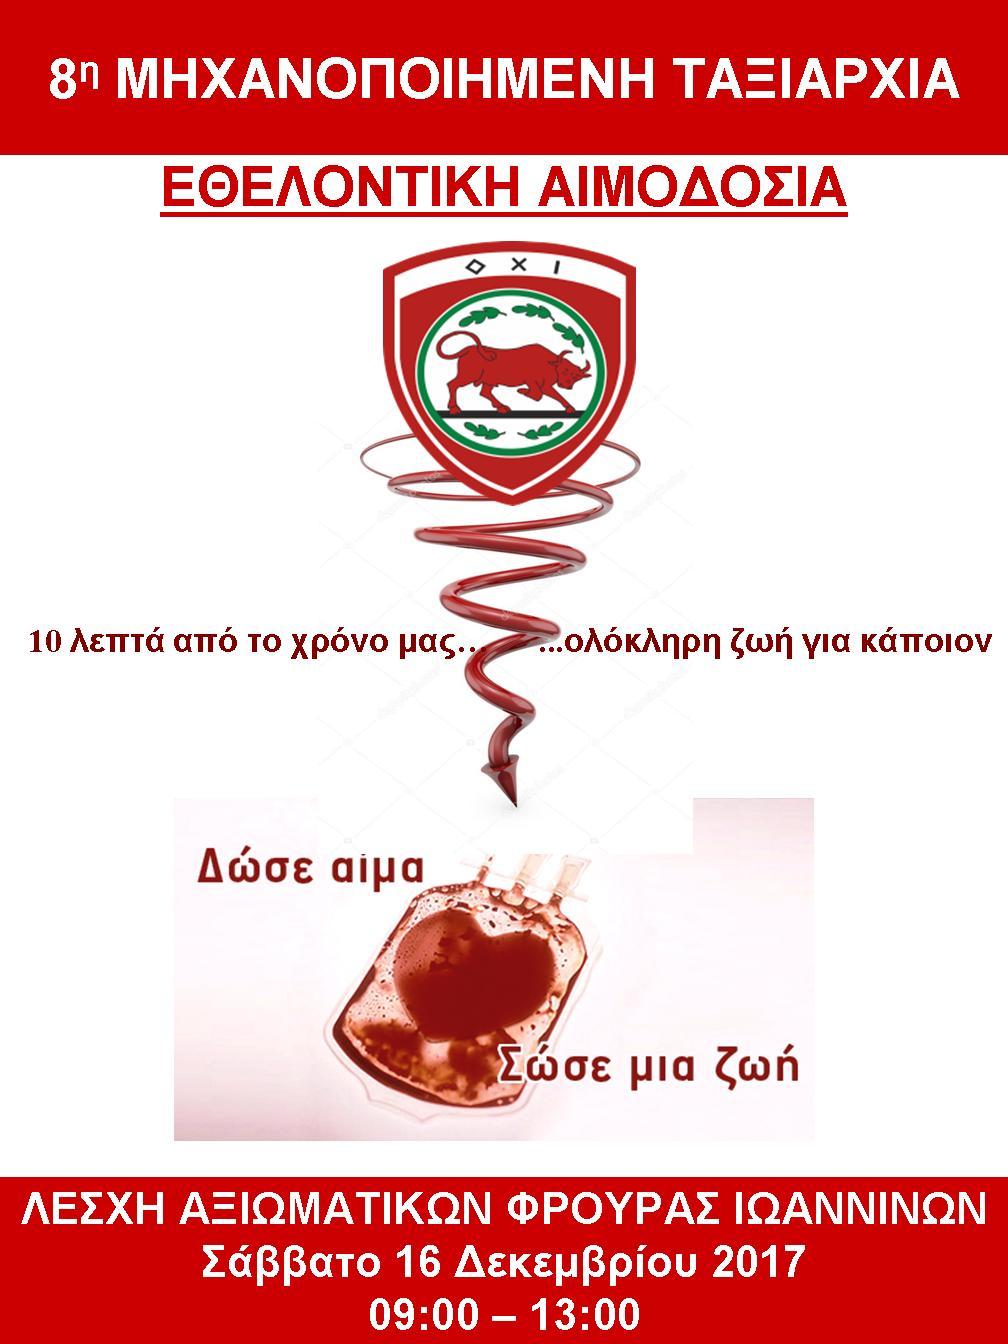 Εθελοντική αιμοδοσία  16 Δεκεμβρίου στη ΛΑΦ Ιωαννίνων